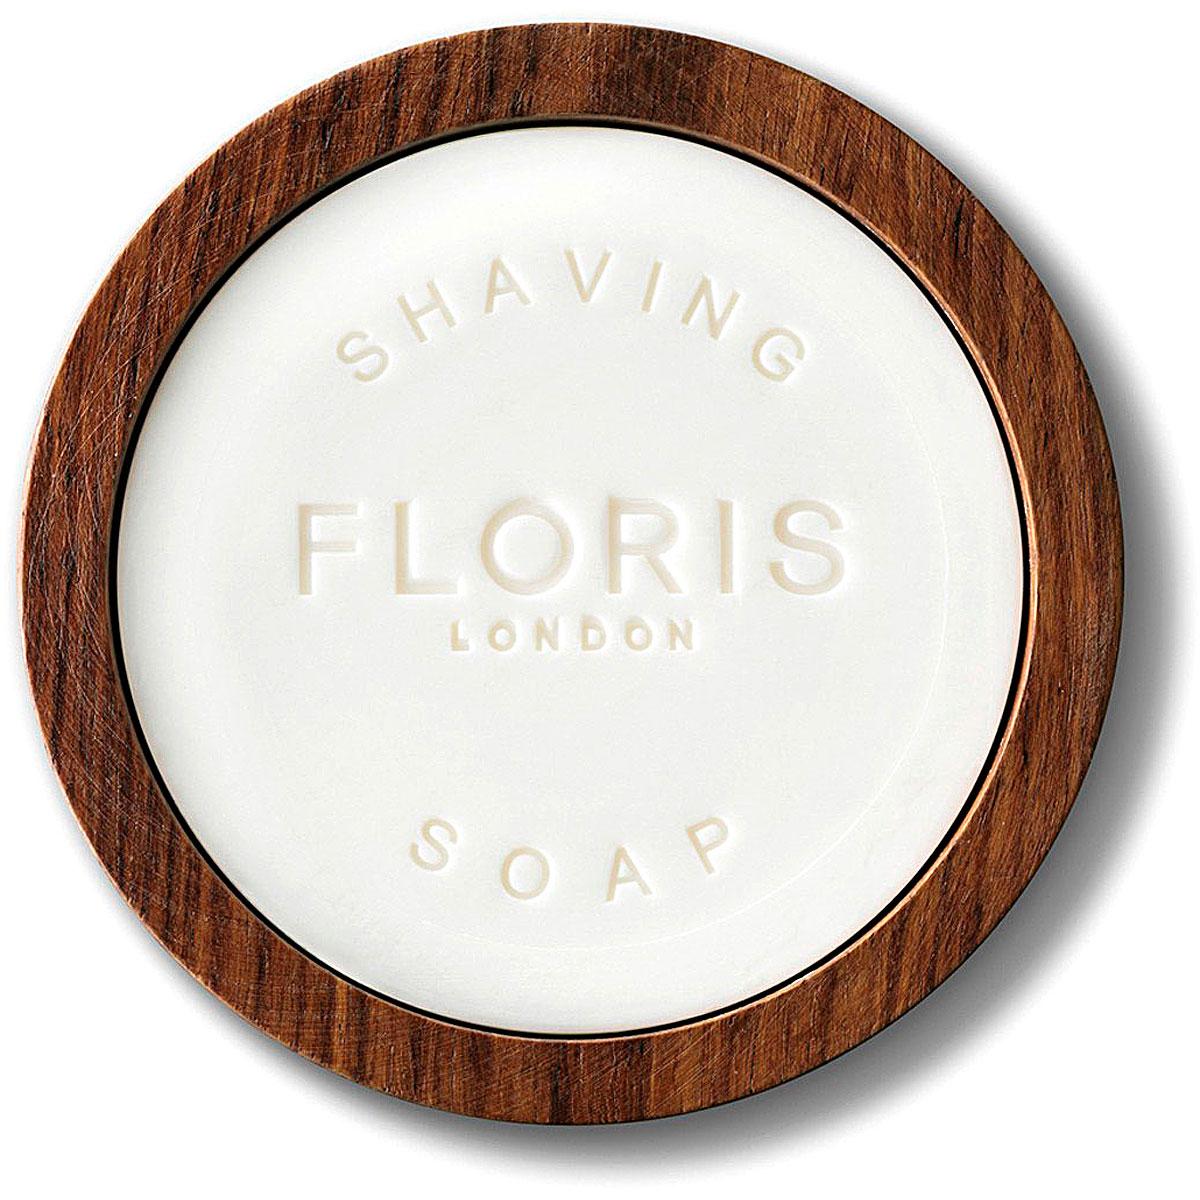 Floris London Shave for Men On Sale, No. 89 - Shaving Soap & Bowl - 100 Gr, 2019, 100 gr